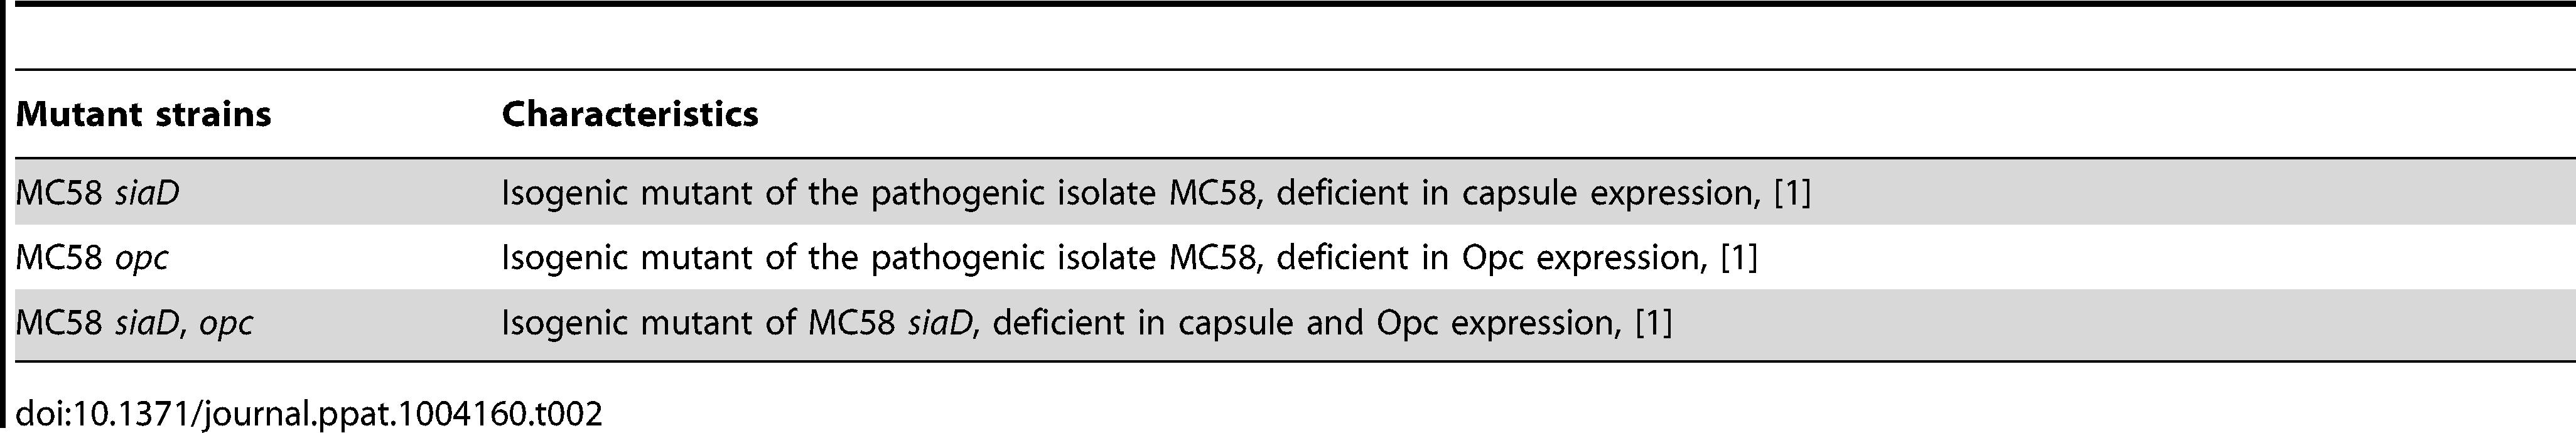 List of <i>N. meningitidis</i> mutant strains used in this study.